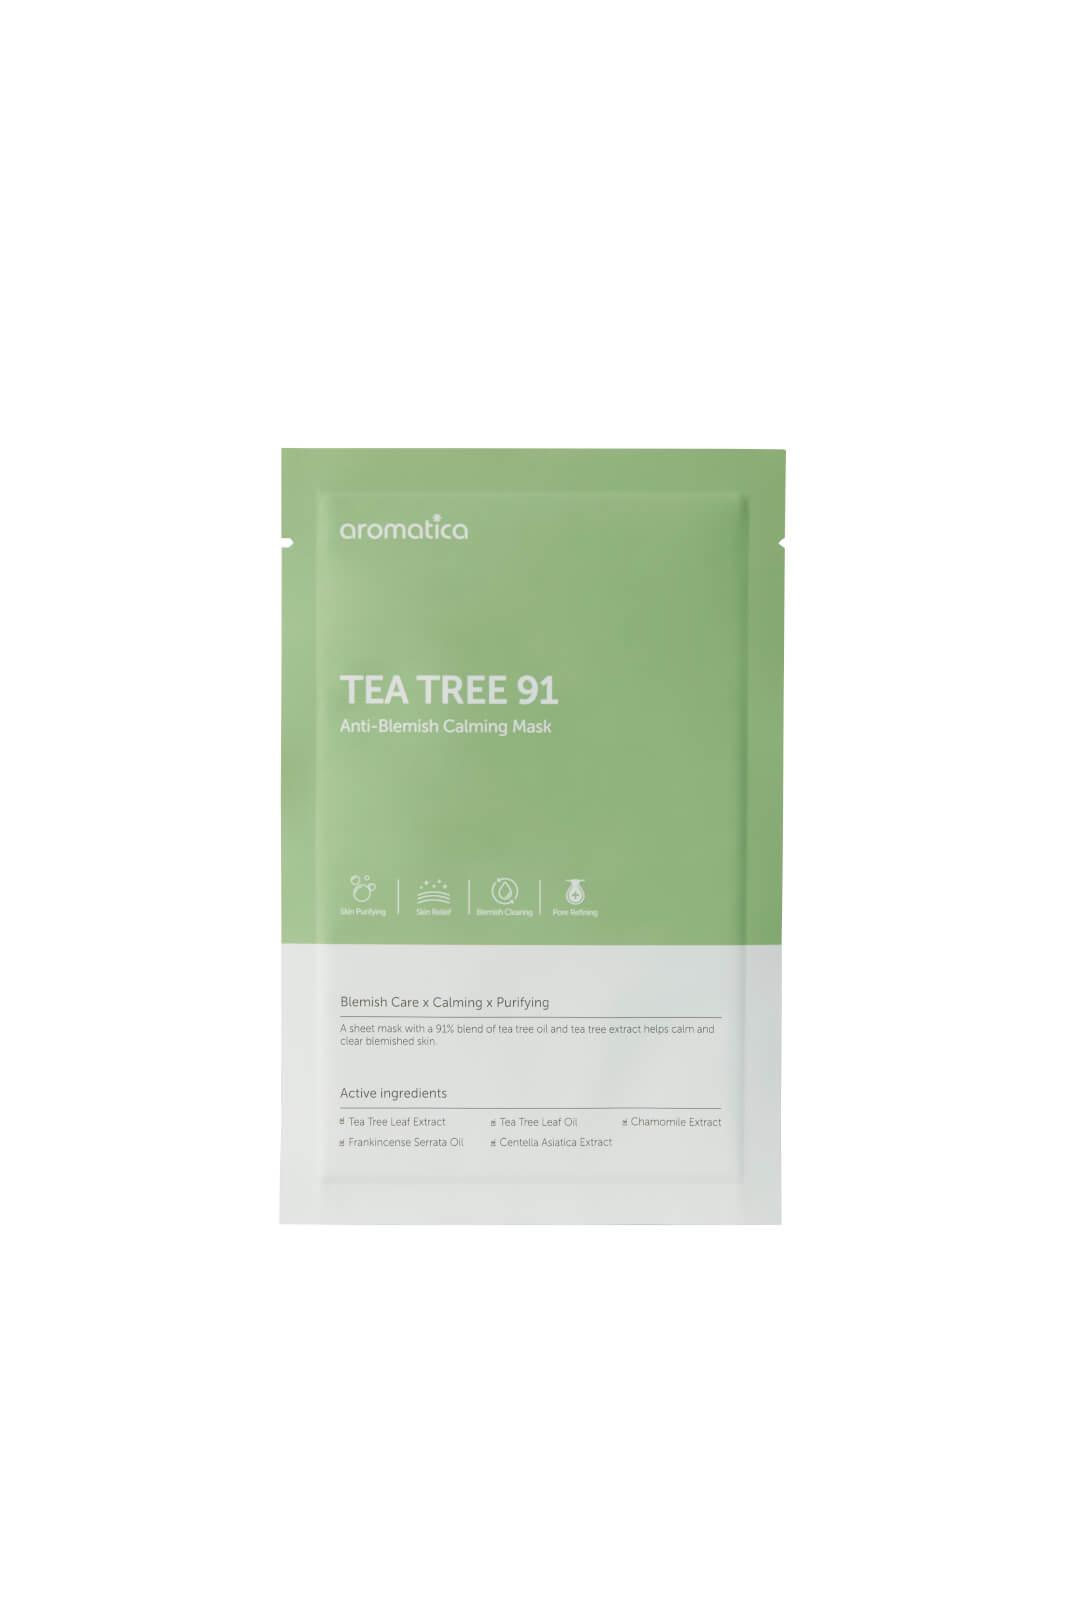 Купить Успокаивающая маска для лица AROMATICA Tea Tree 91 Anti-Blemish Calming Mask (1 шт.)